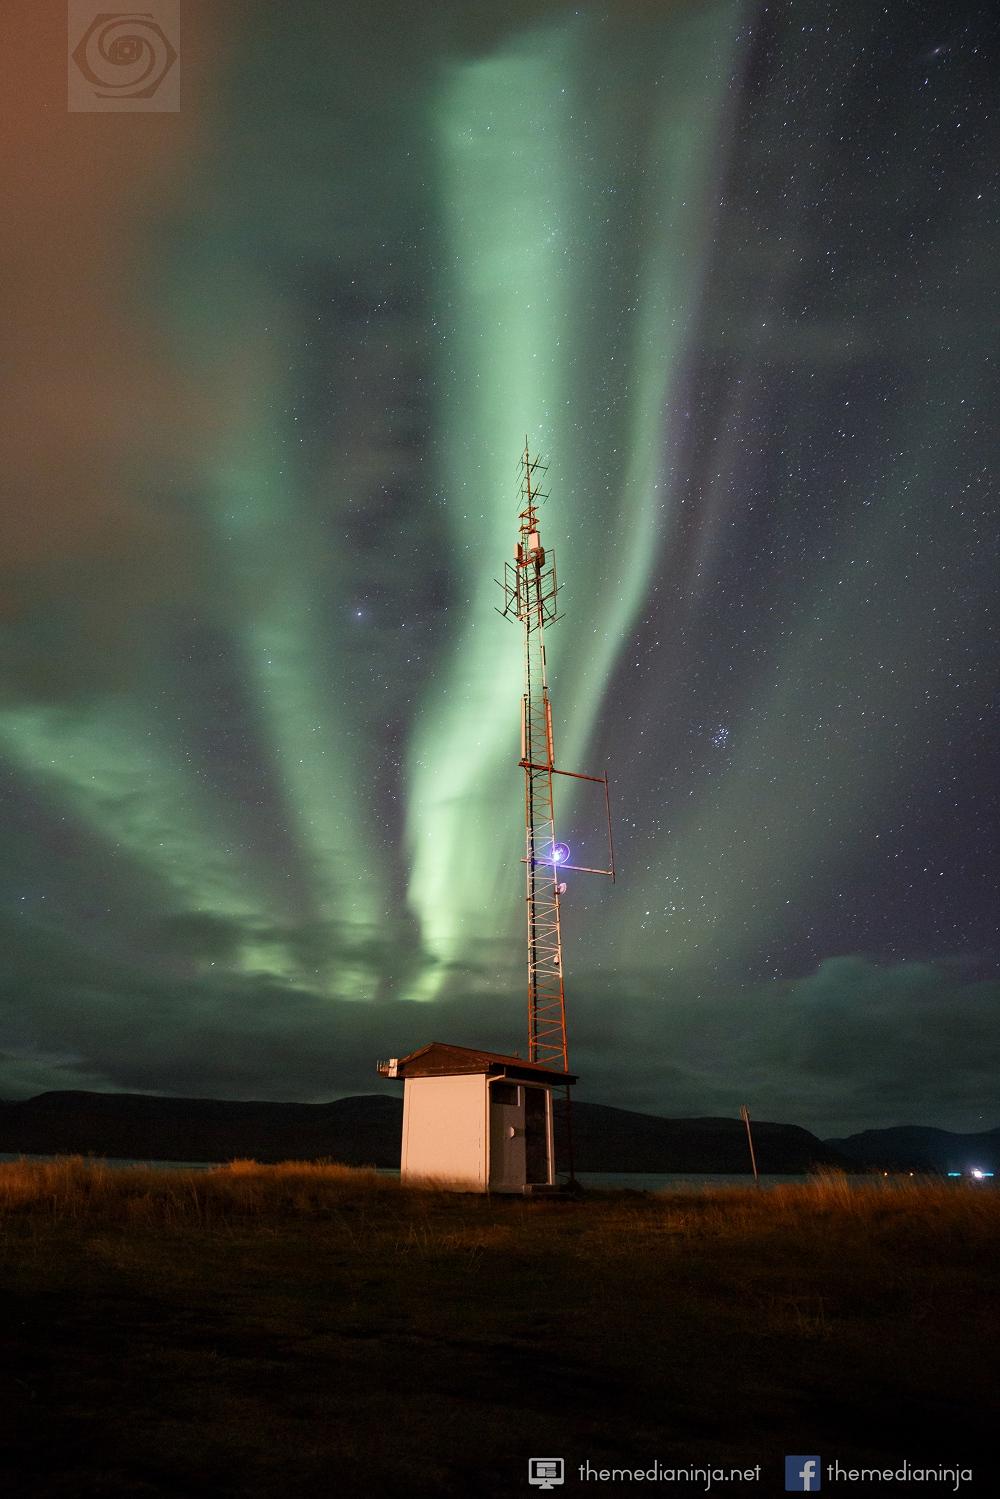 🇮🇸 Dalbraut, Bíldudalur, Iceland